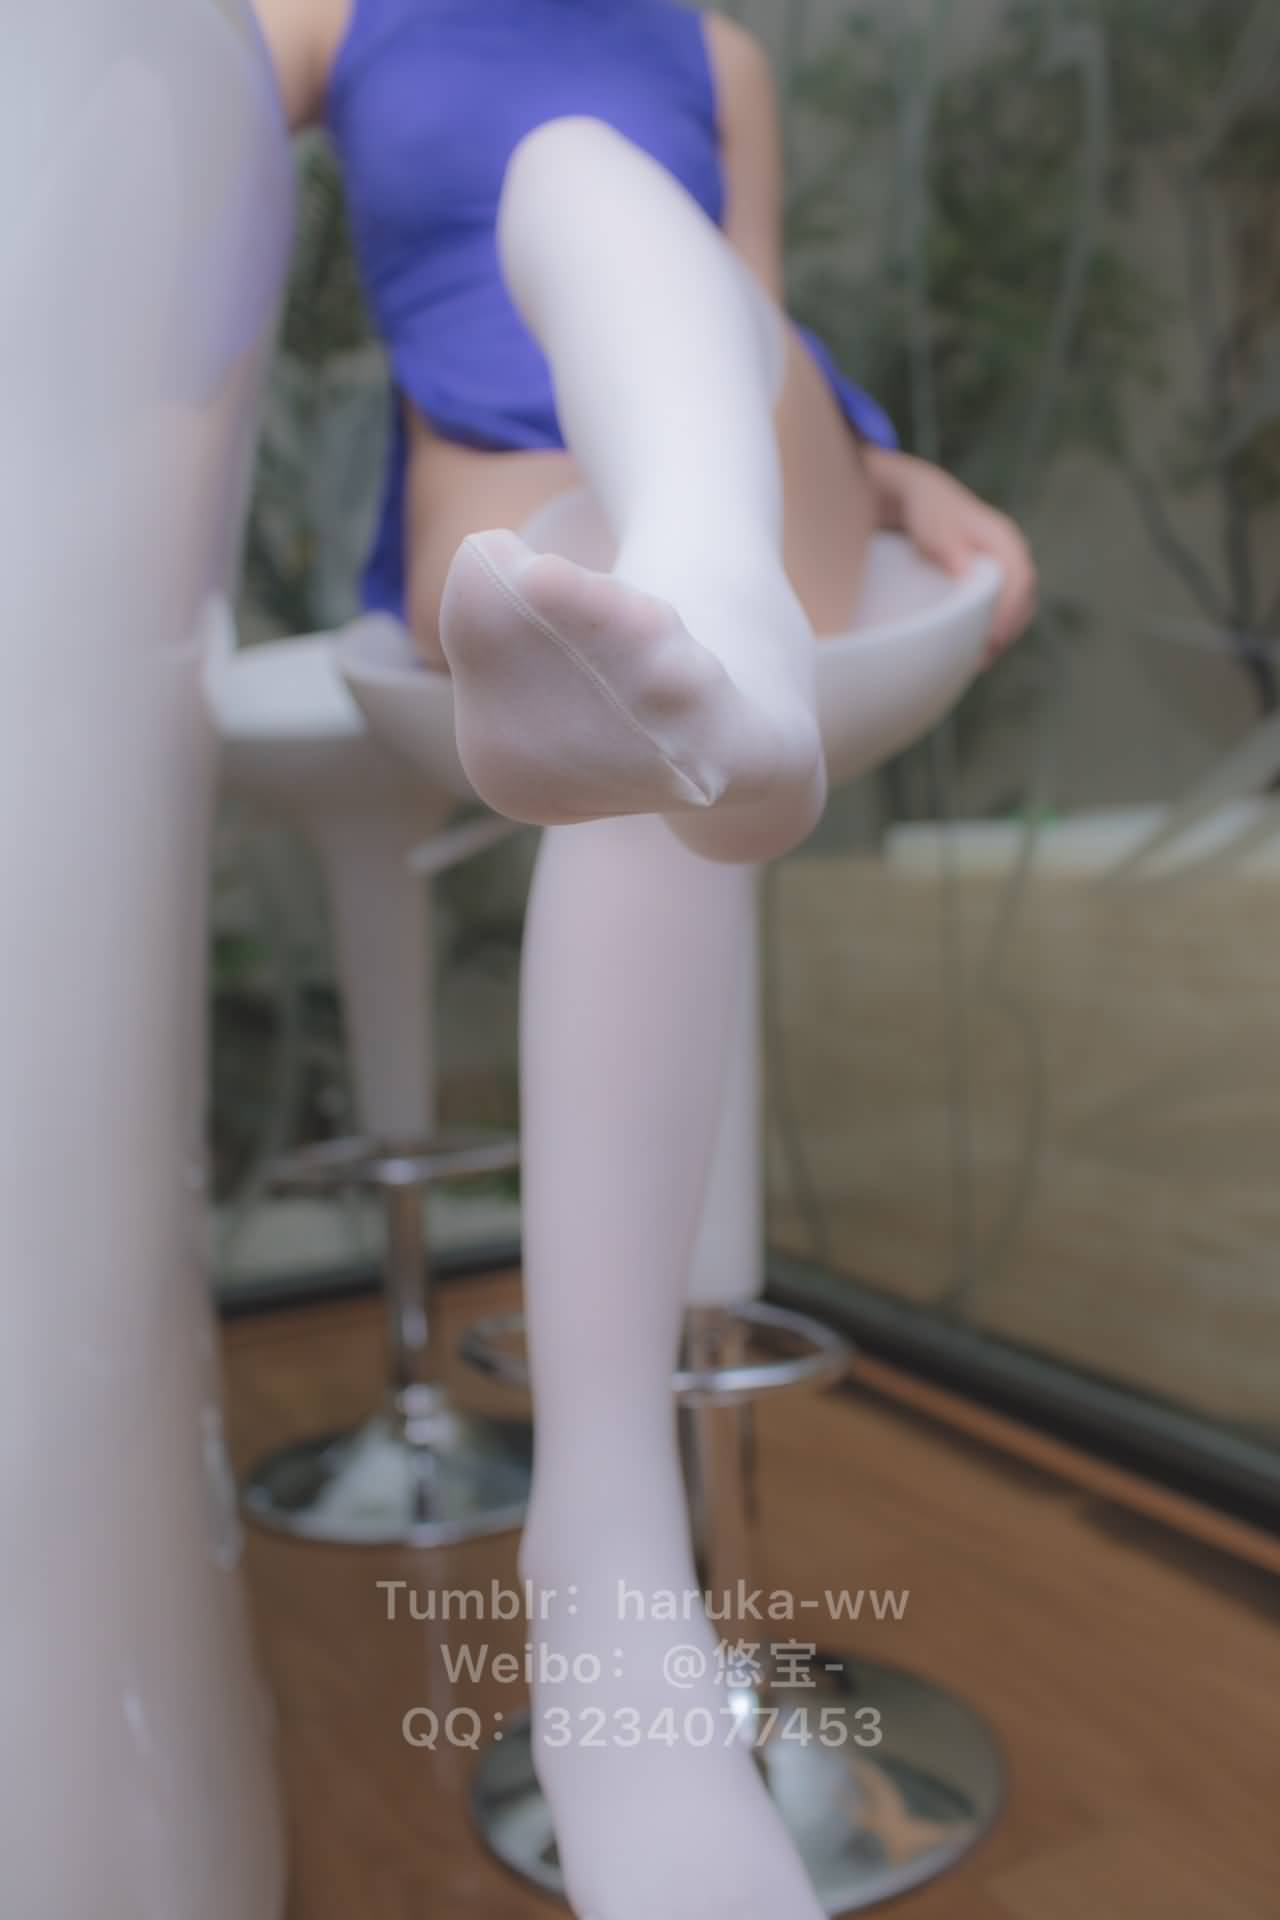 sWuTi7 - Young japanese school girl white stockings cheongsam 悠宝三岁 白丝旗袍